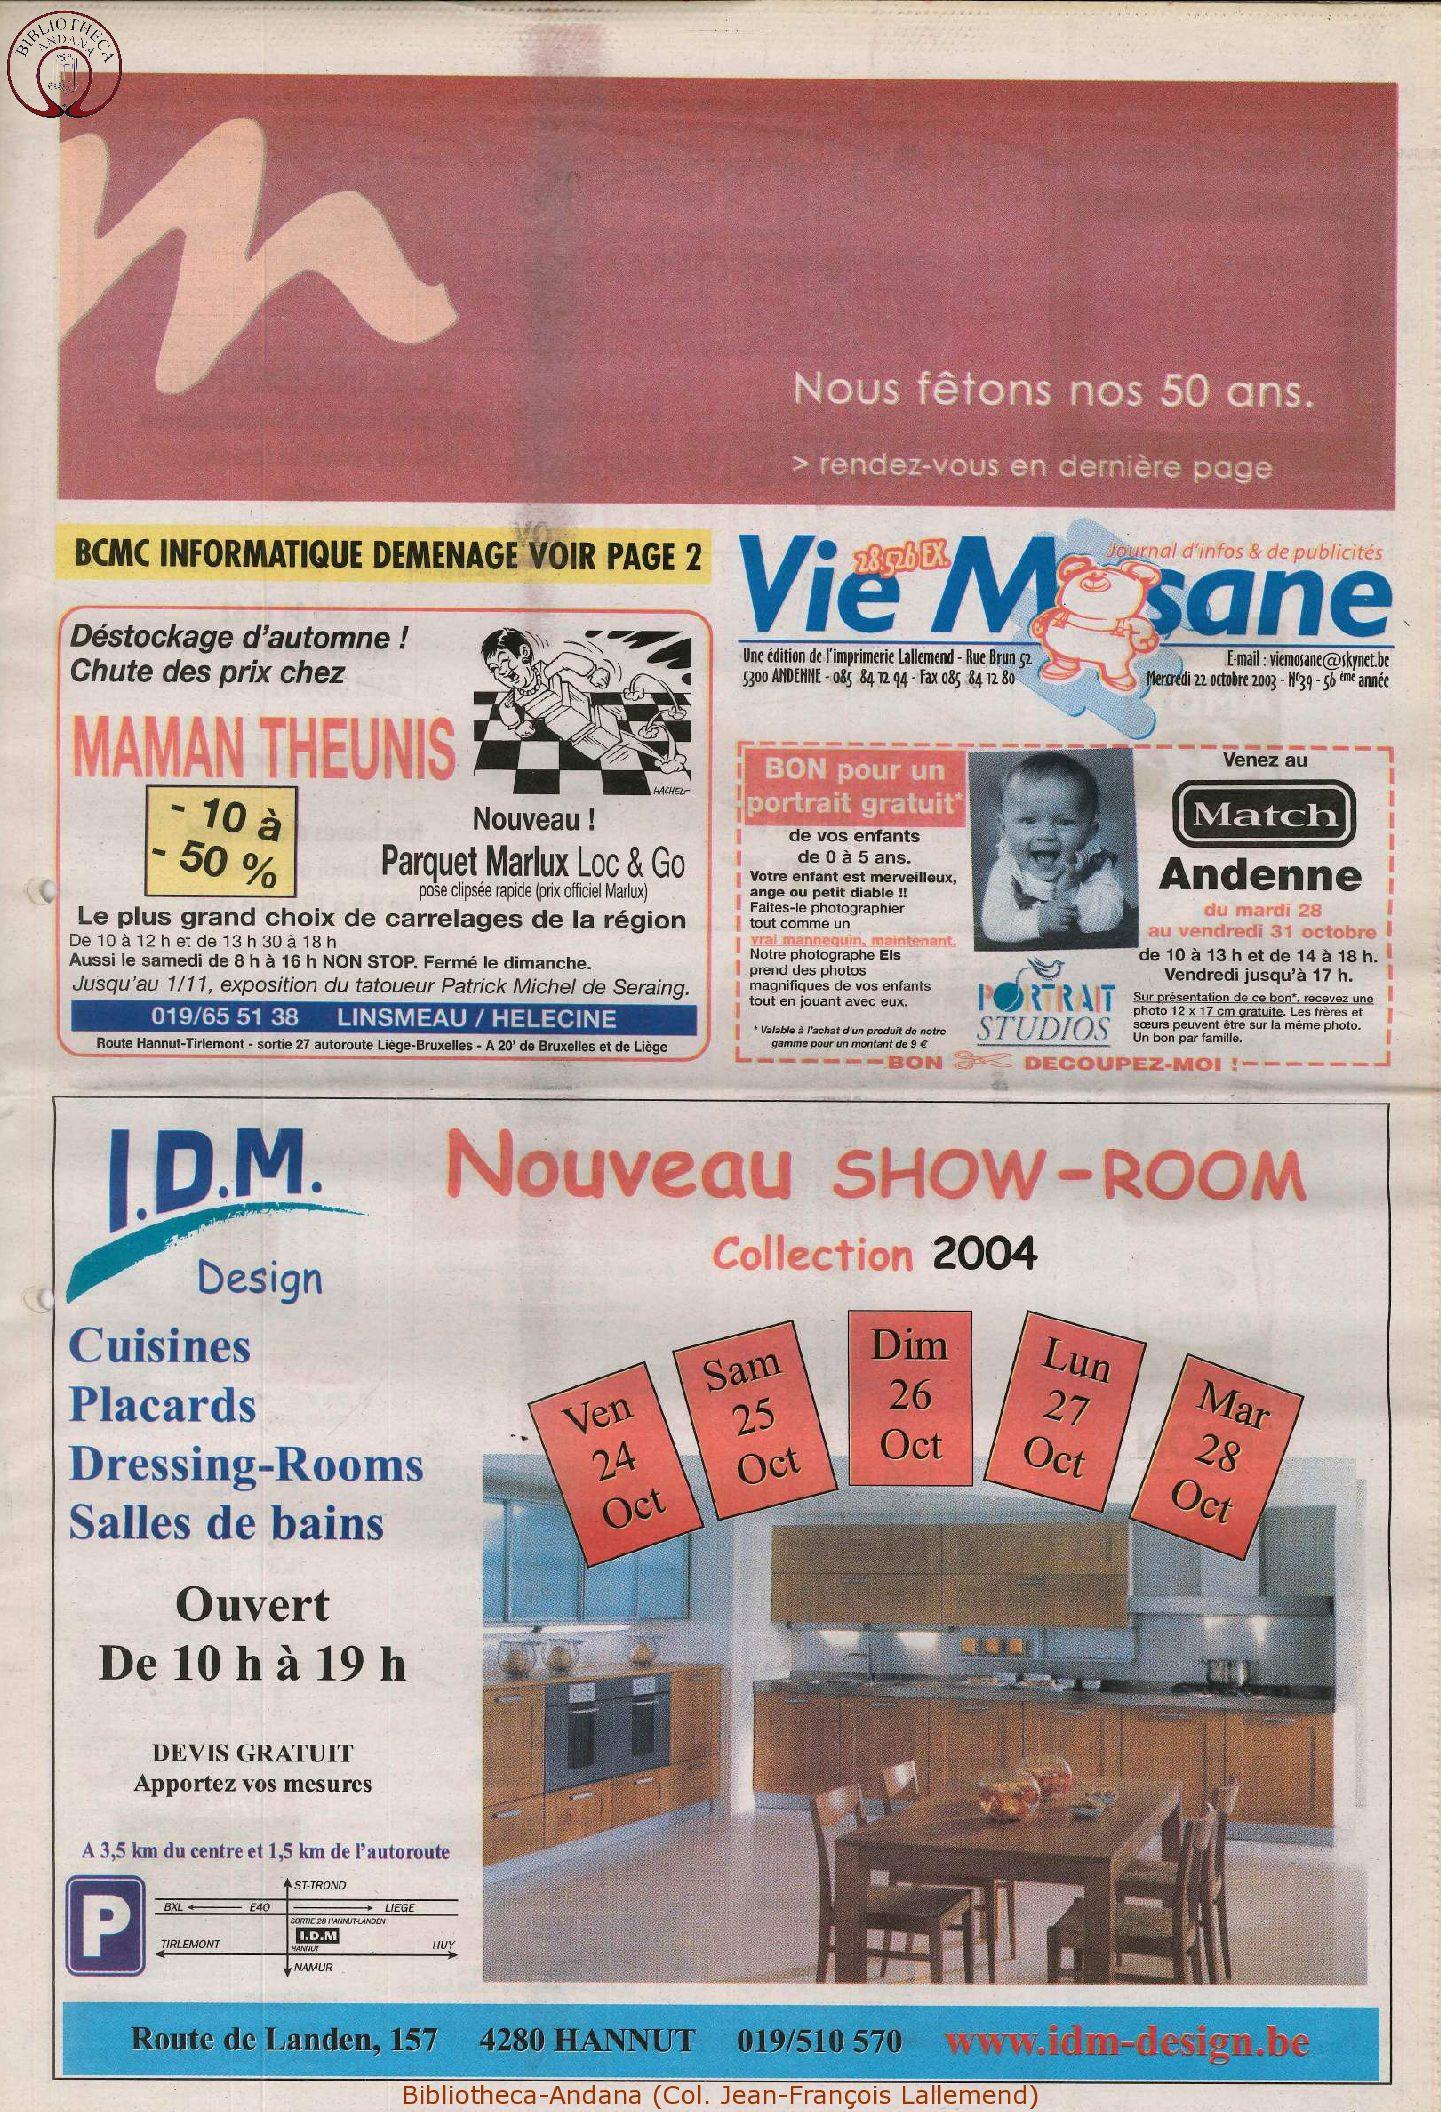 57e année - n°39 - 22 octobre 2003